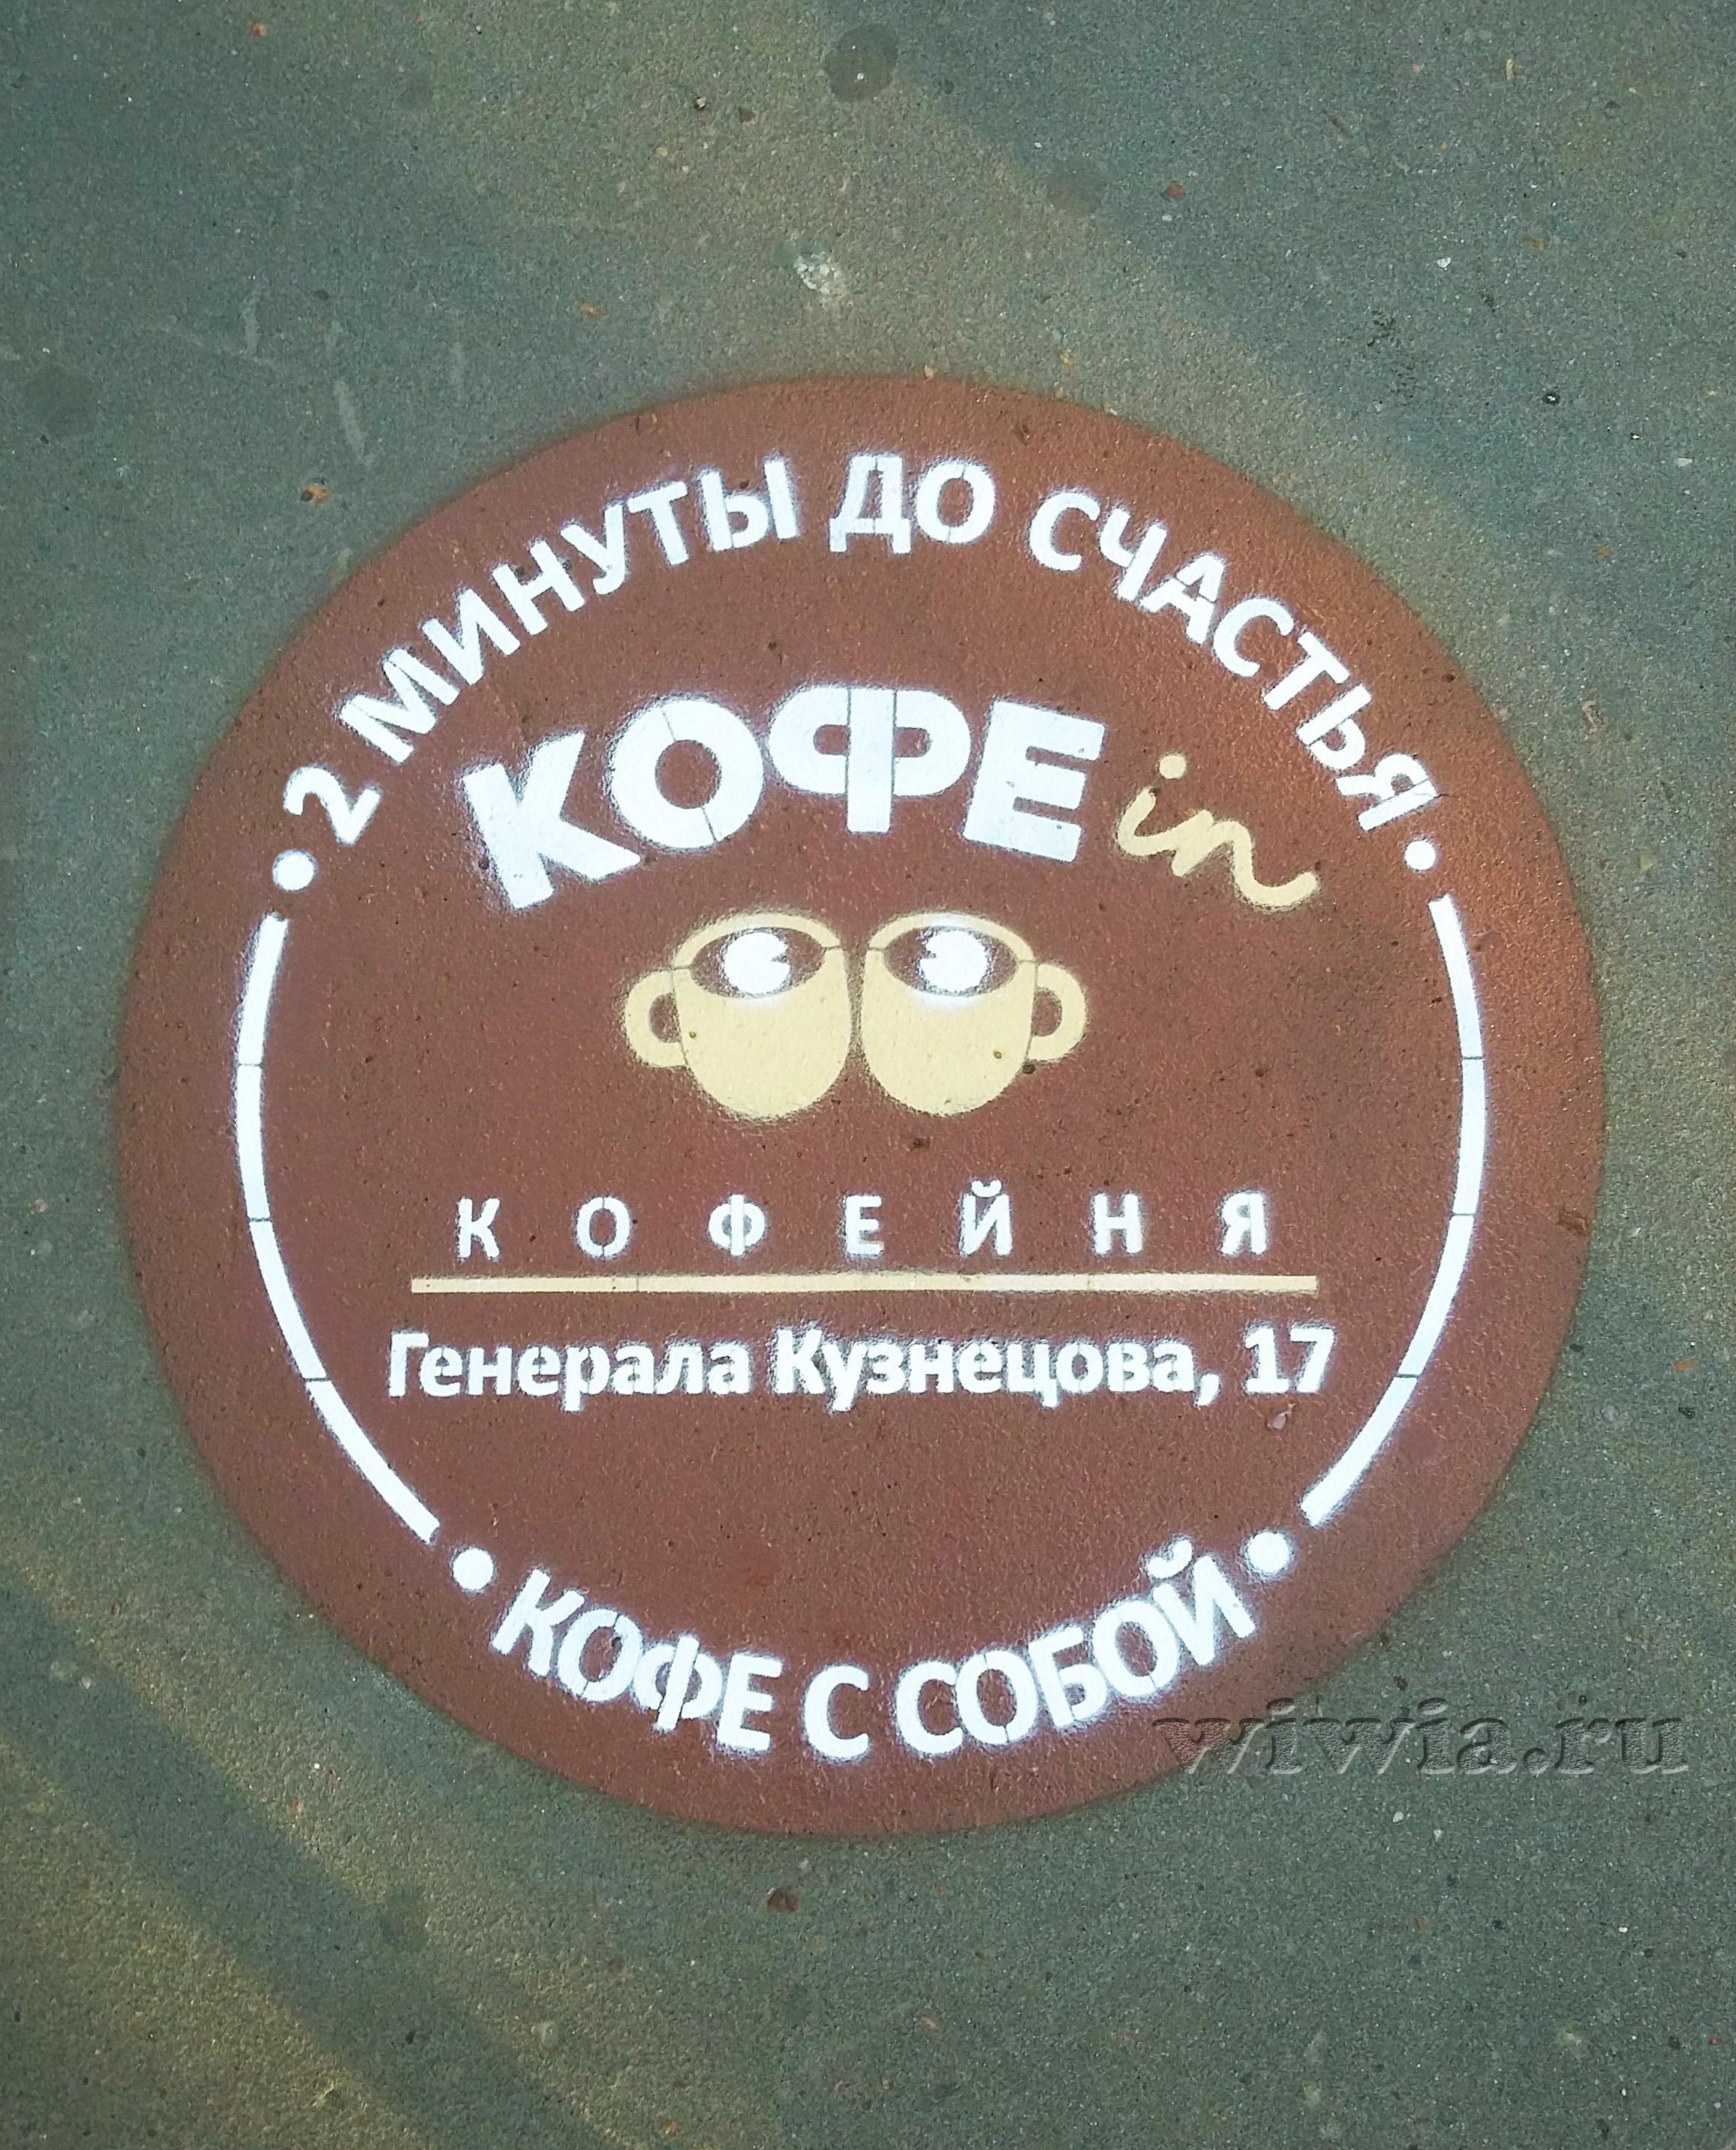 Пример рекламы на асфальте для кафе